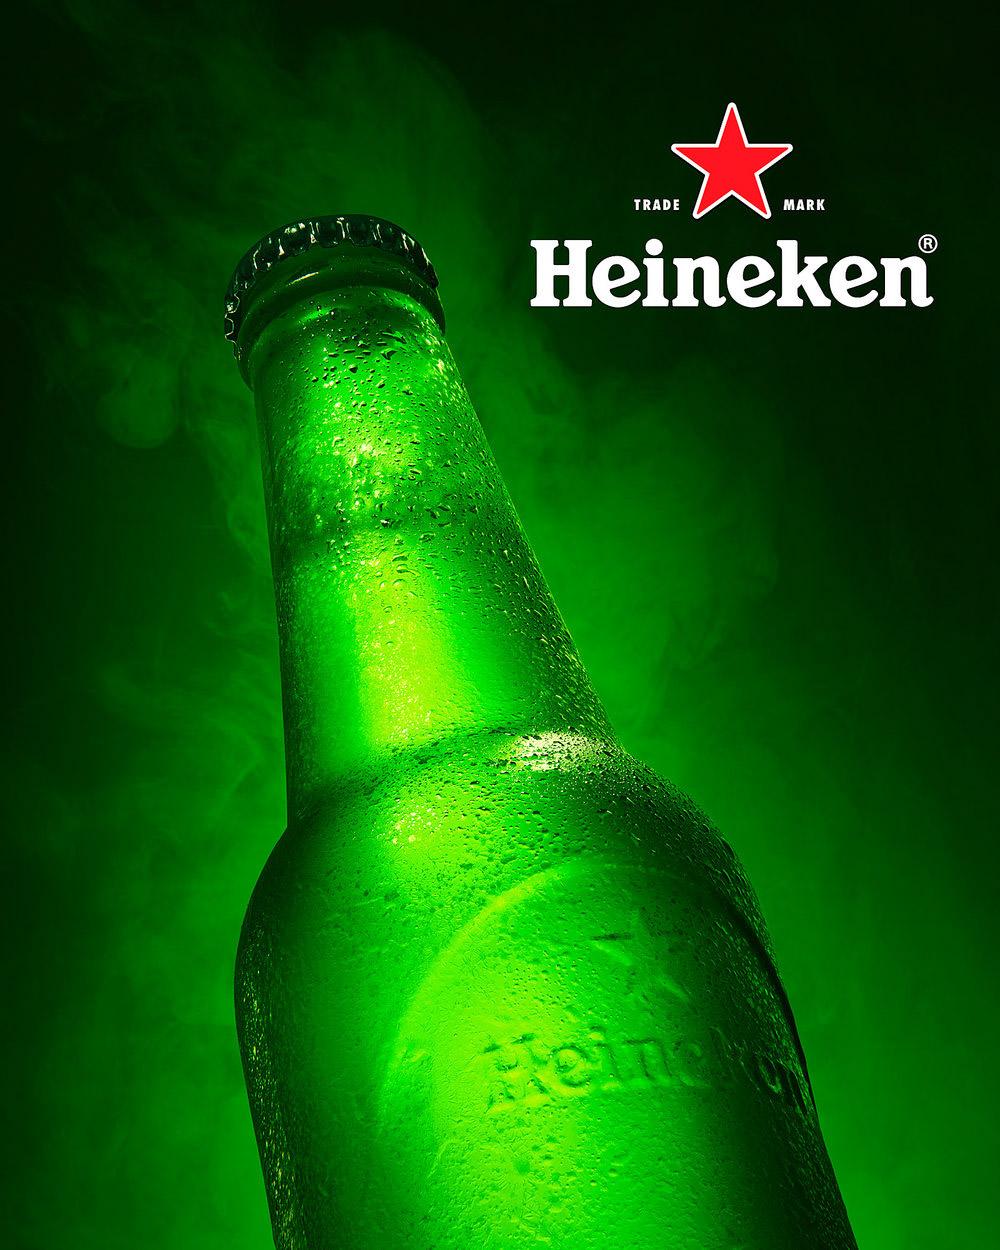 001-181019_NS_Heineken_290_FB_Hero_BMS_R1_1_web.jpg